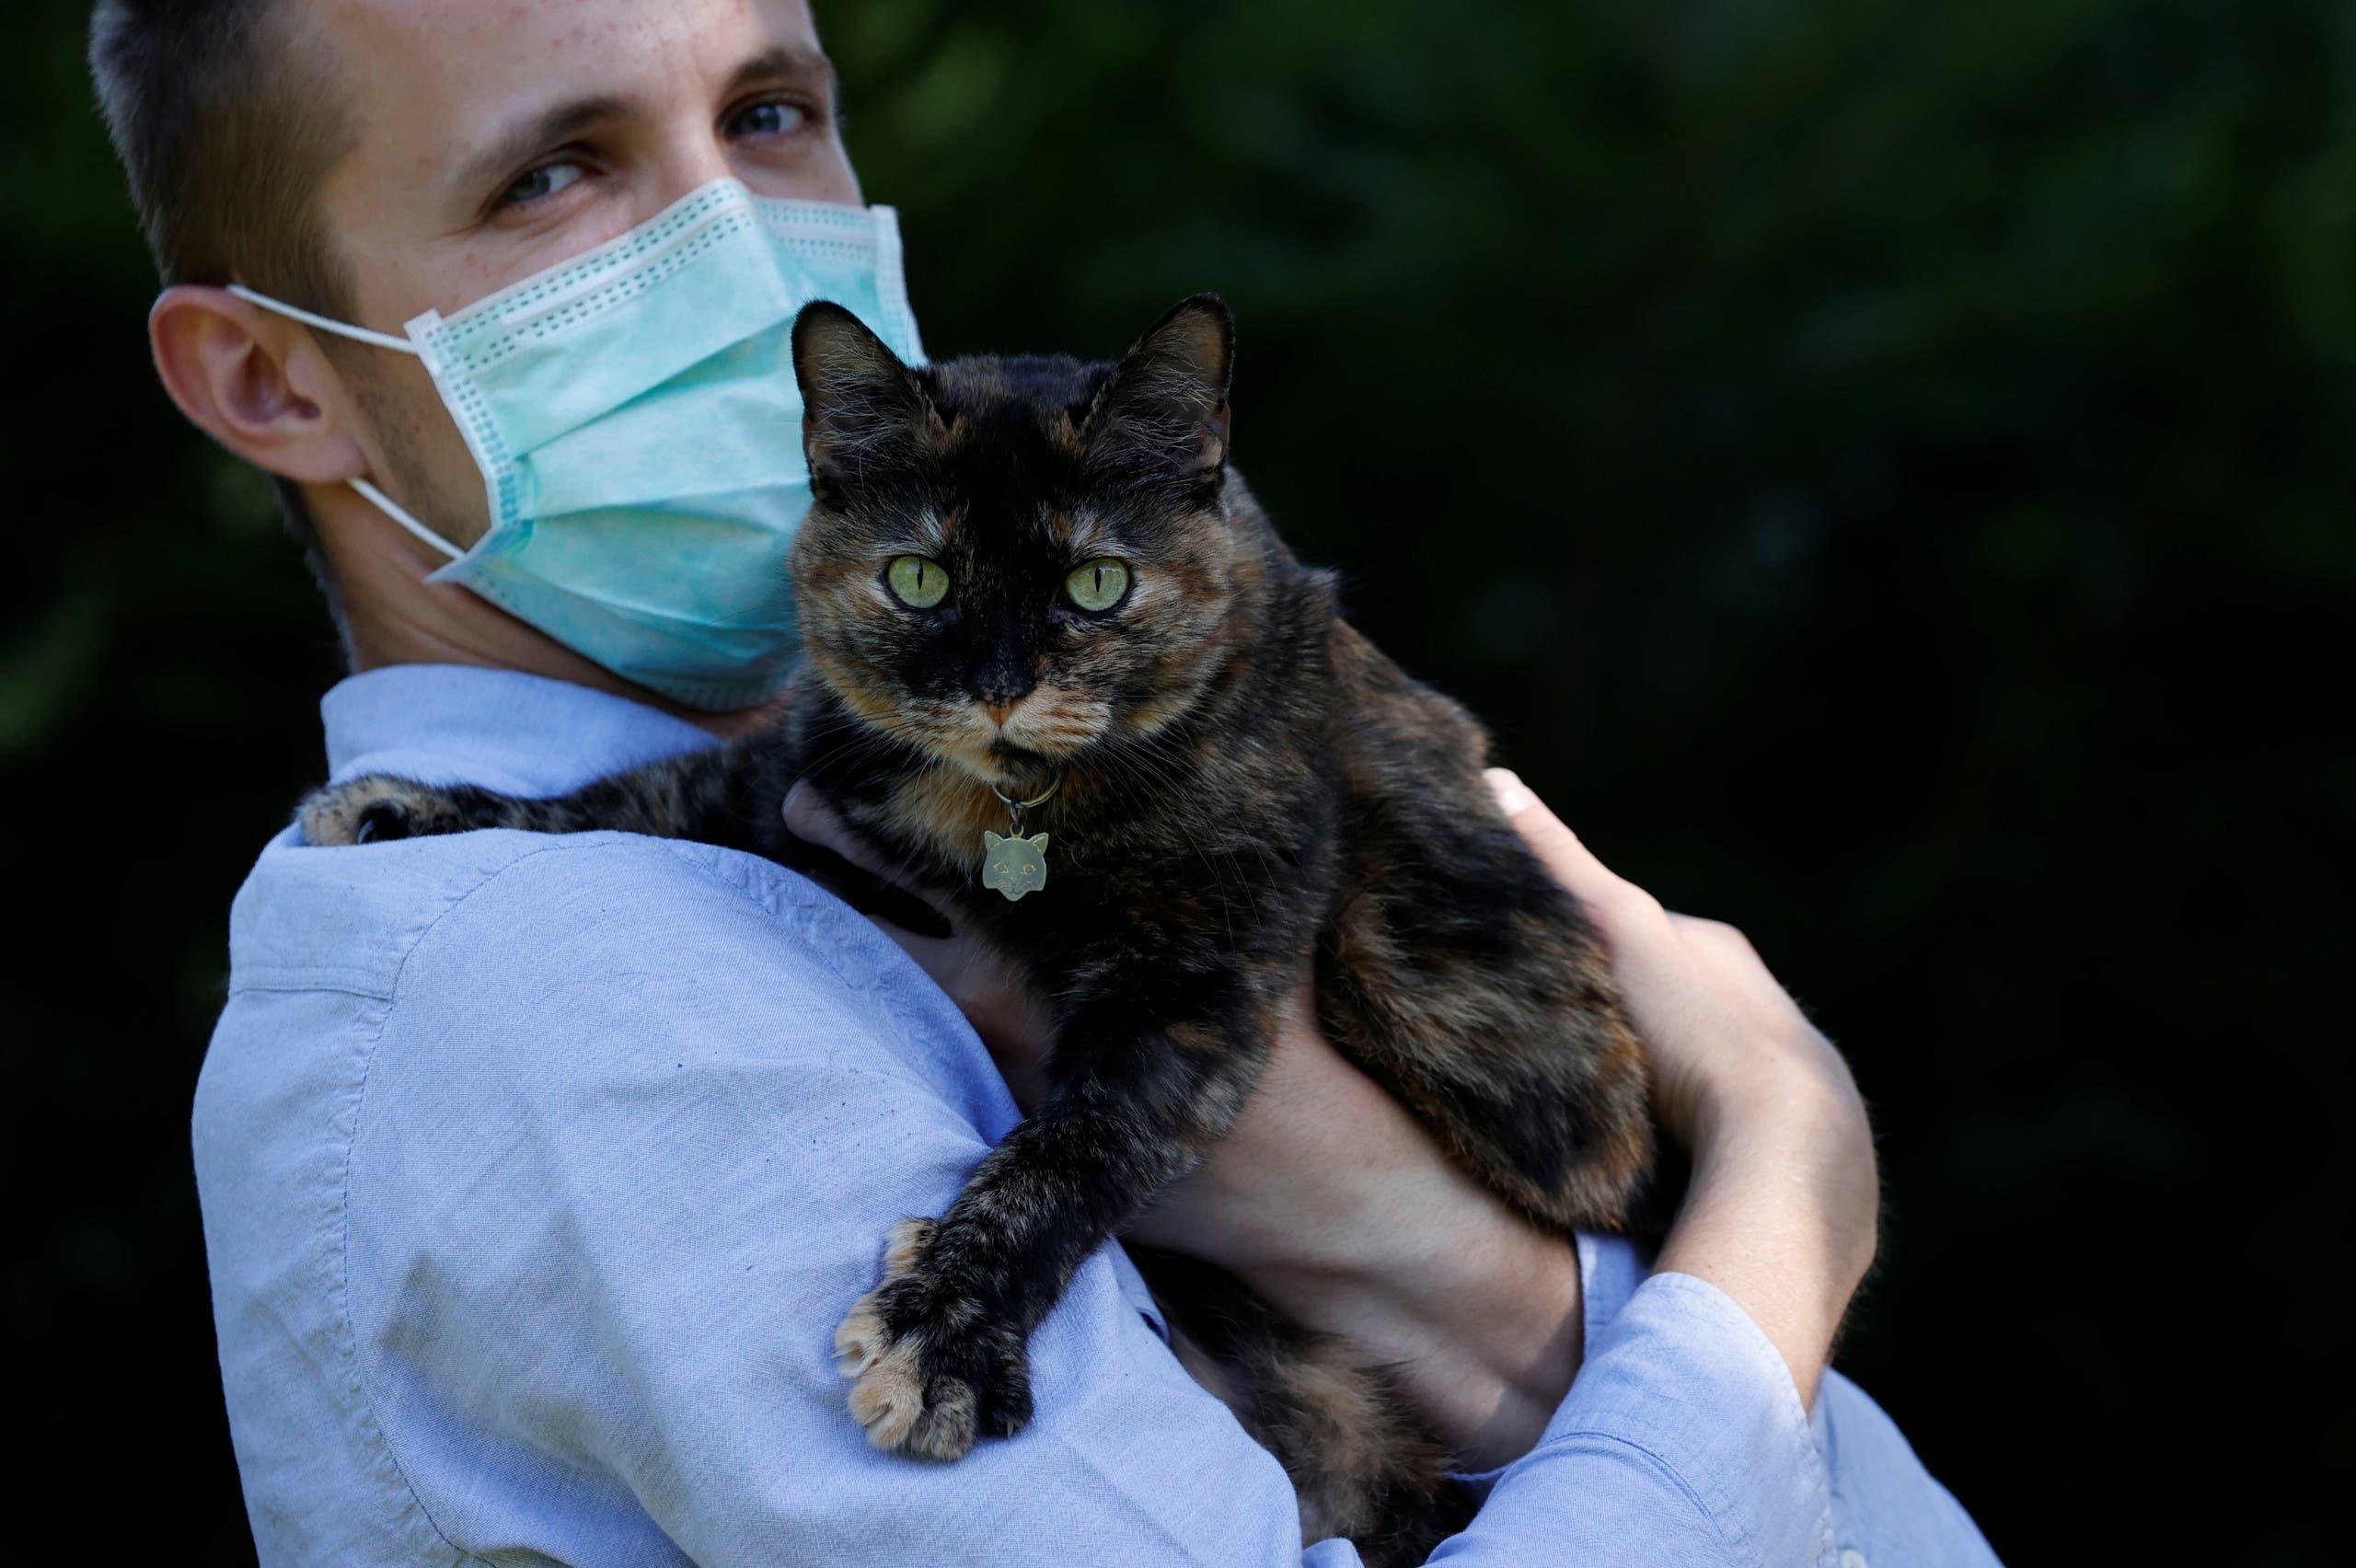 فرنسي مصاب بكورونا يلتقط صورا مع قطته